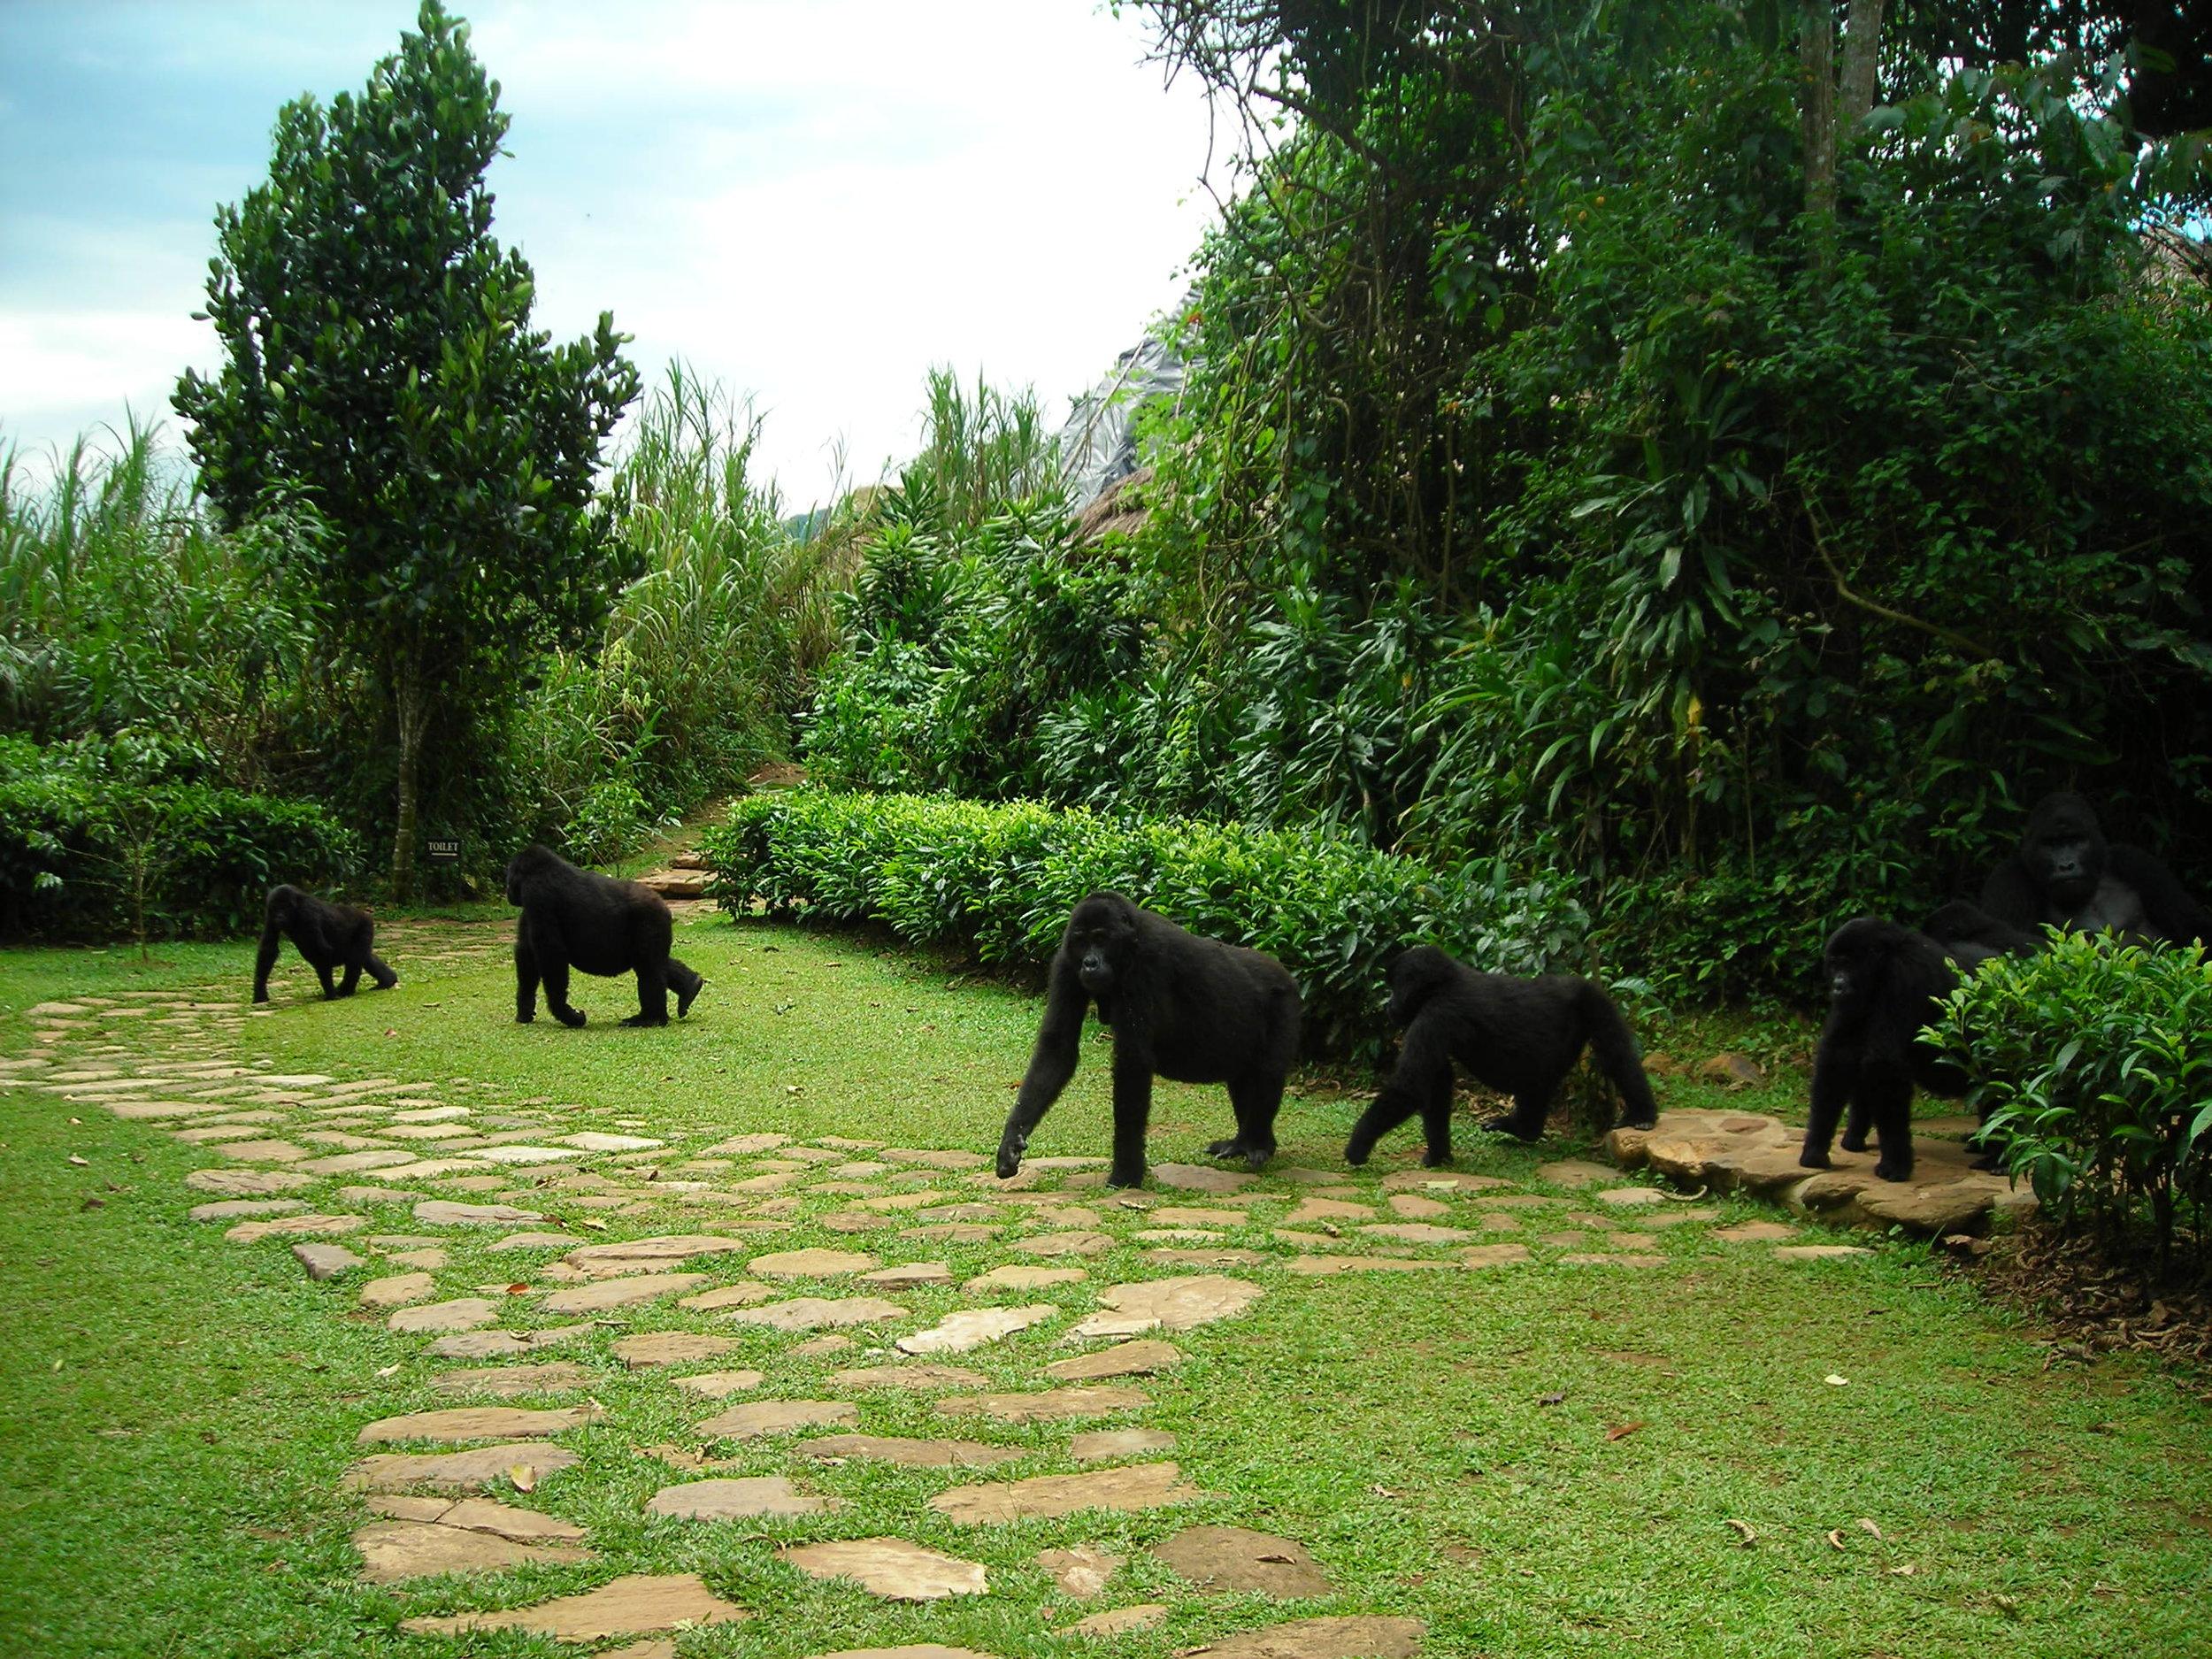 Bwindi_gorilla family at lodge.JPG